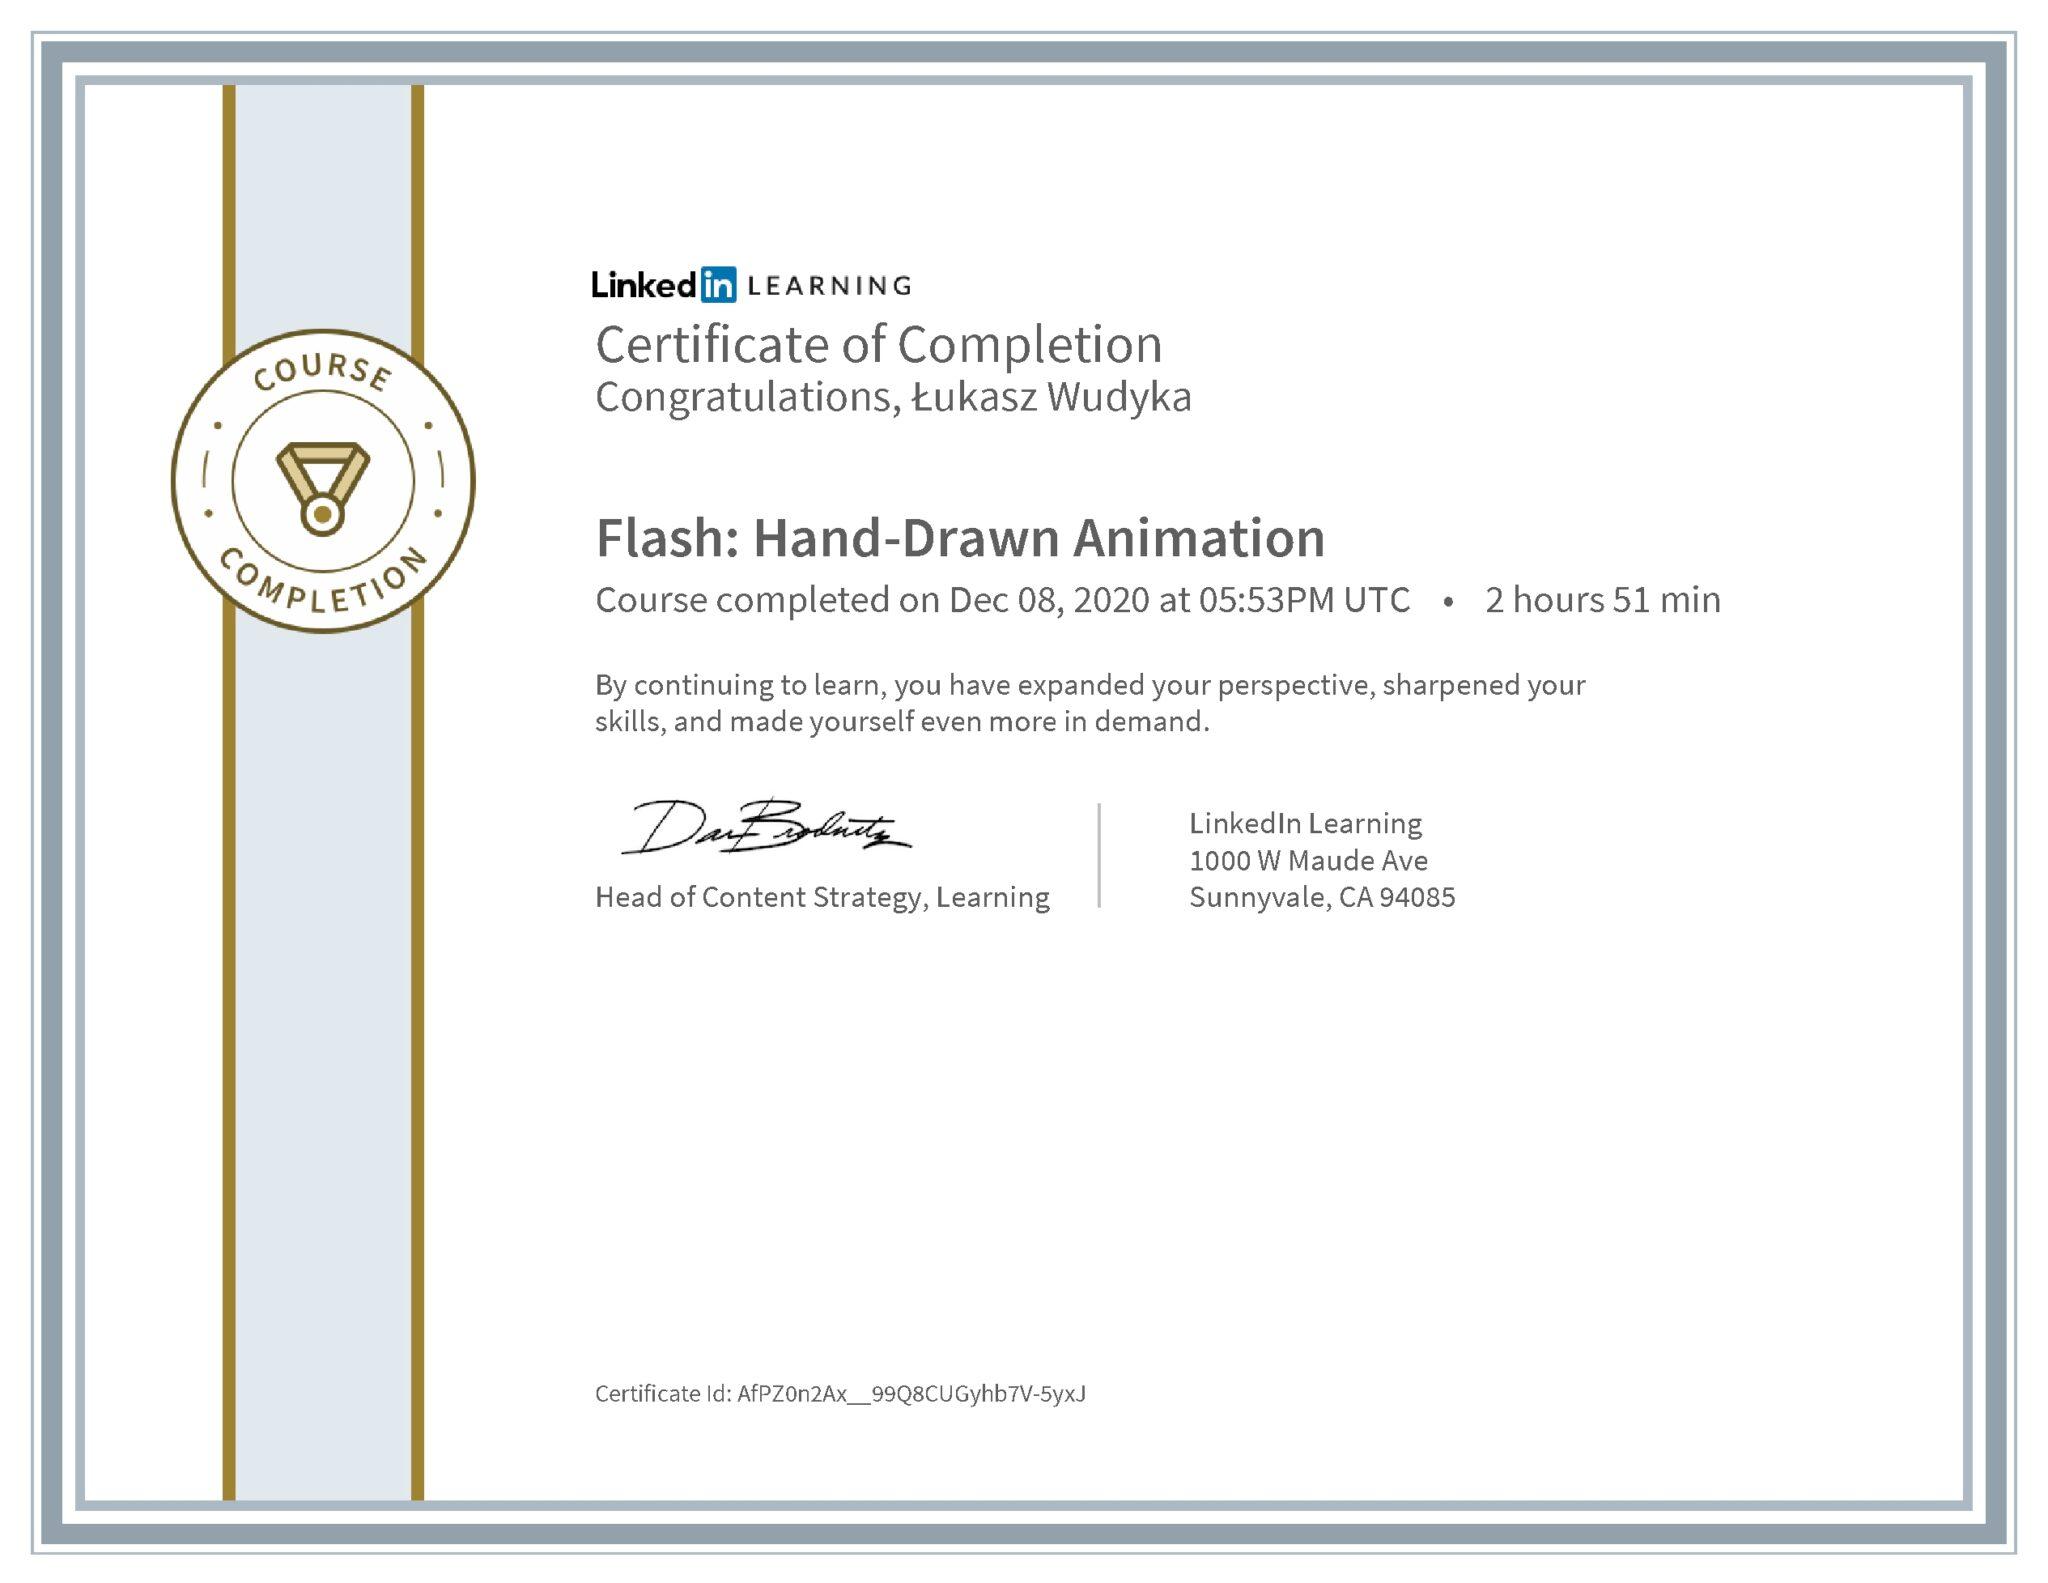 Łukasz Wudyka certyfikat LinkedIn Flash: Hand-Drawn Animation